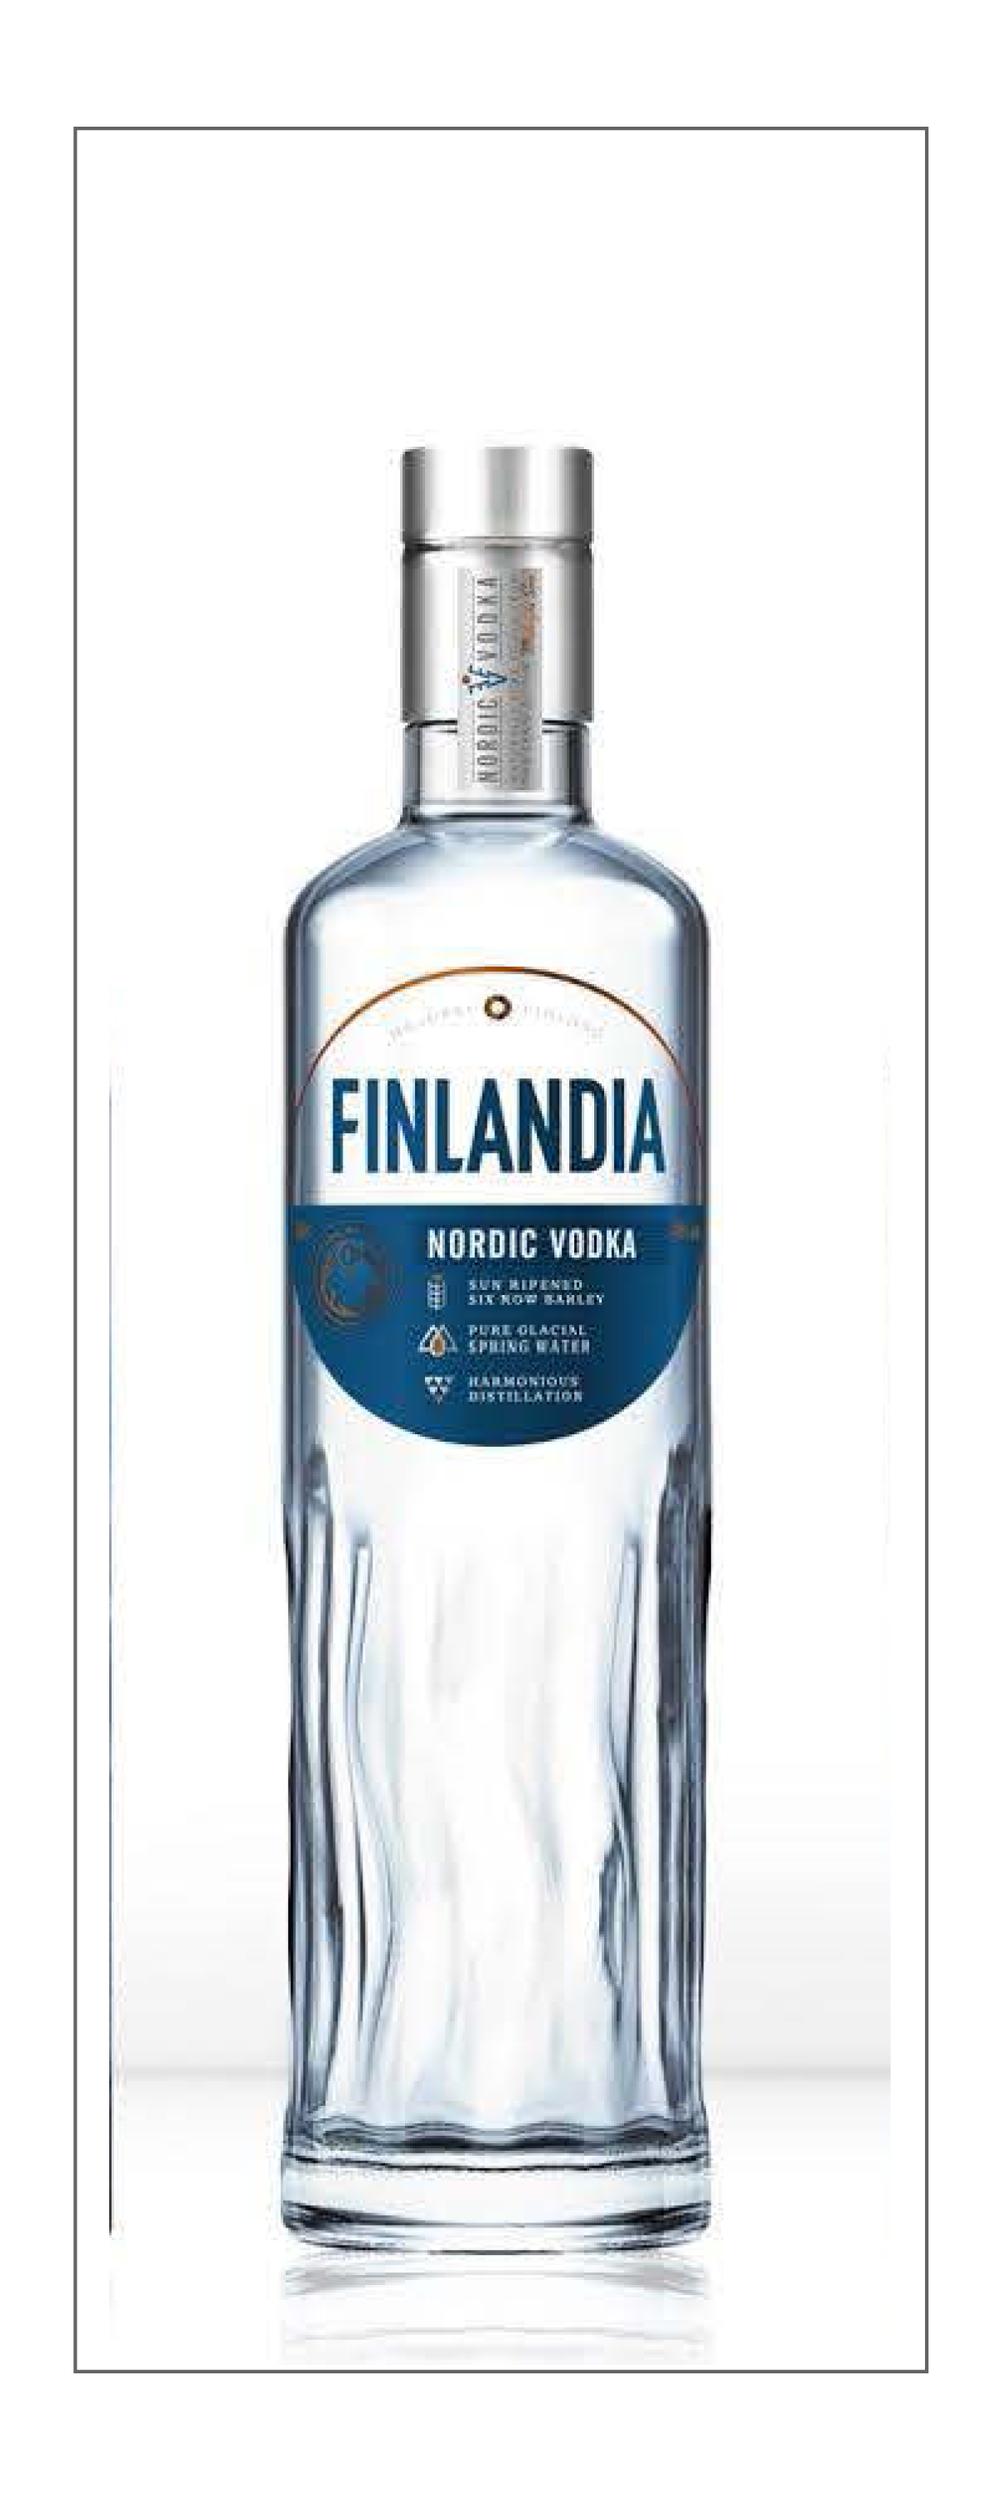 FV_Bottle_concepts20.png